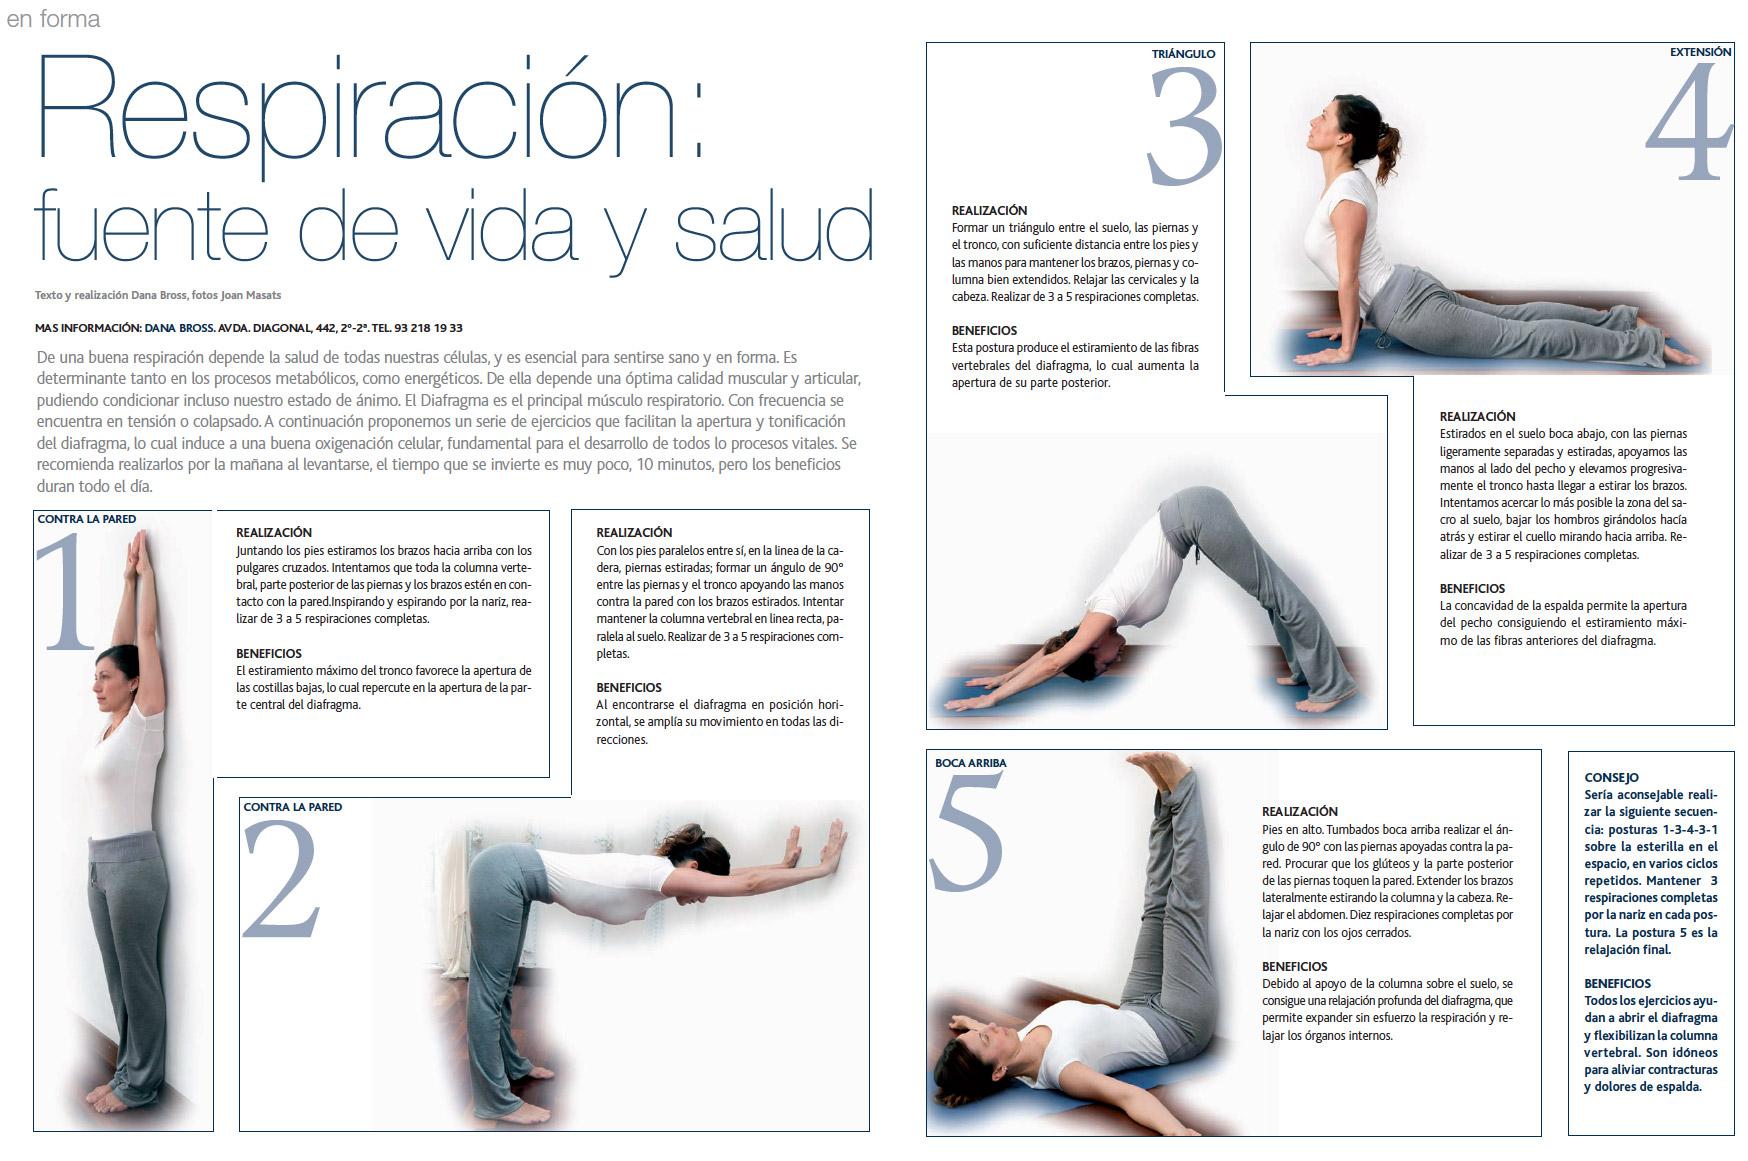 Respiración: fuente de vida y salud (Artículo en Barcelona